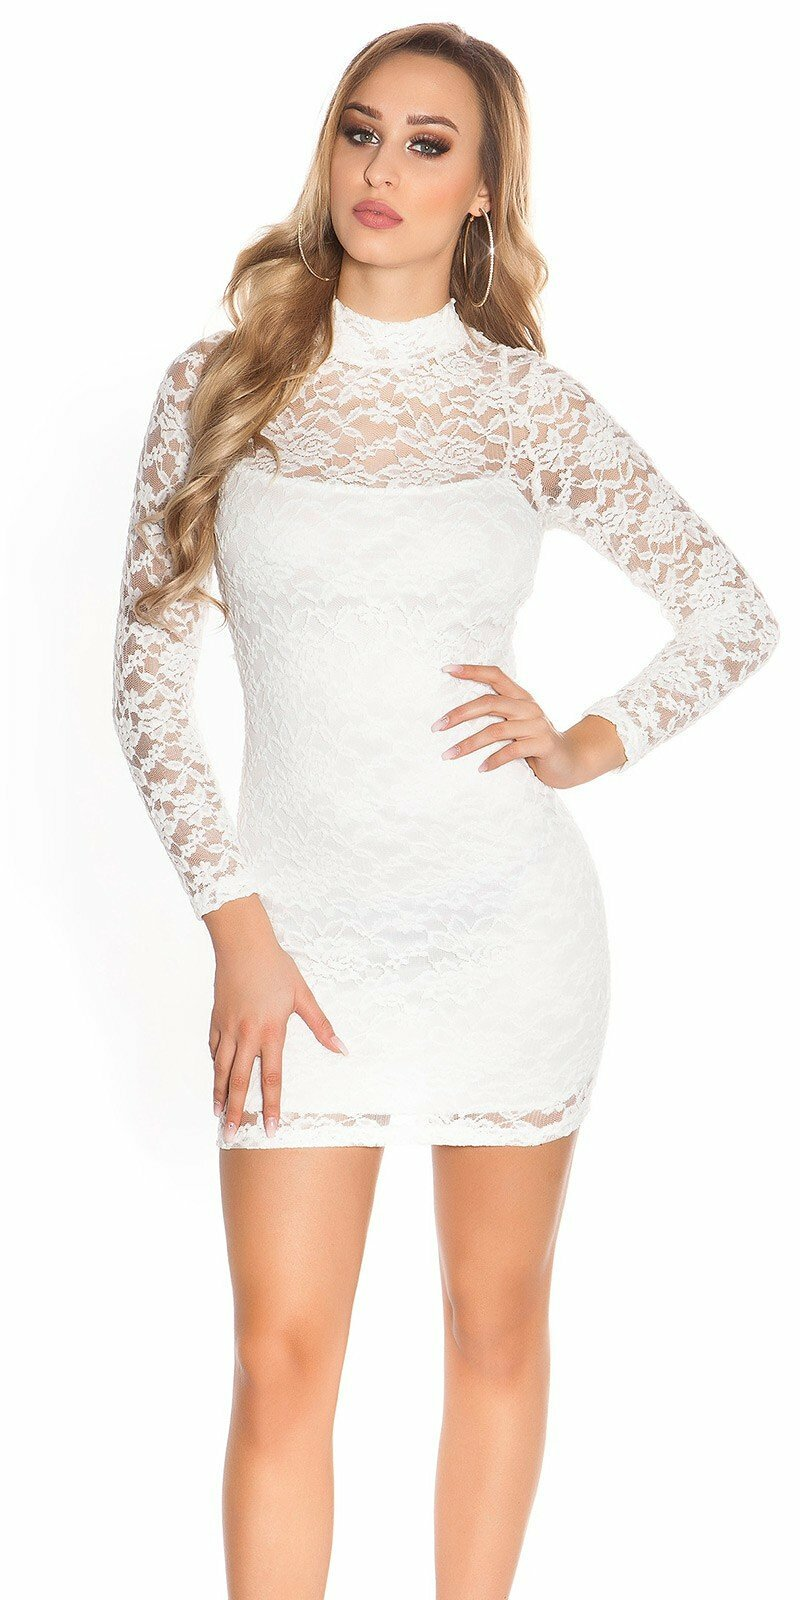 a67e22228c46 Čipkované šaty s dlhým rukávom  Veľkosť Univerzálna (XS S M) Farba